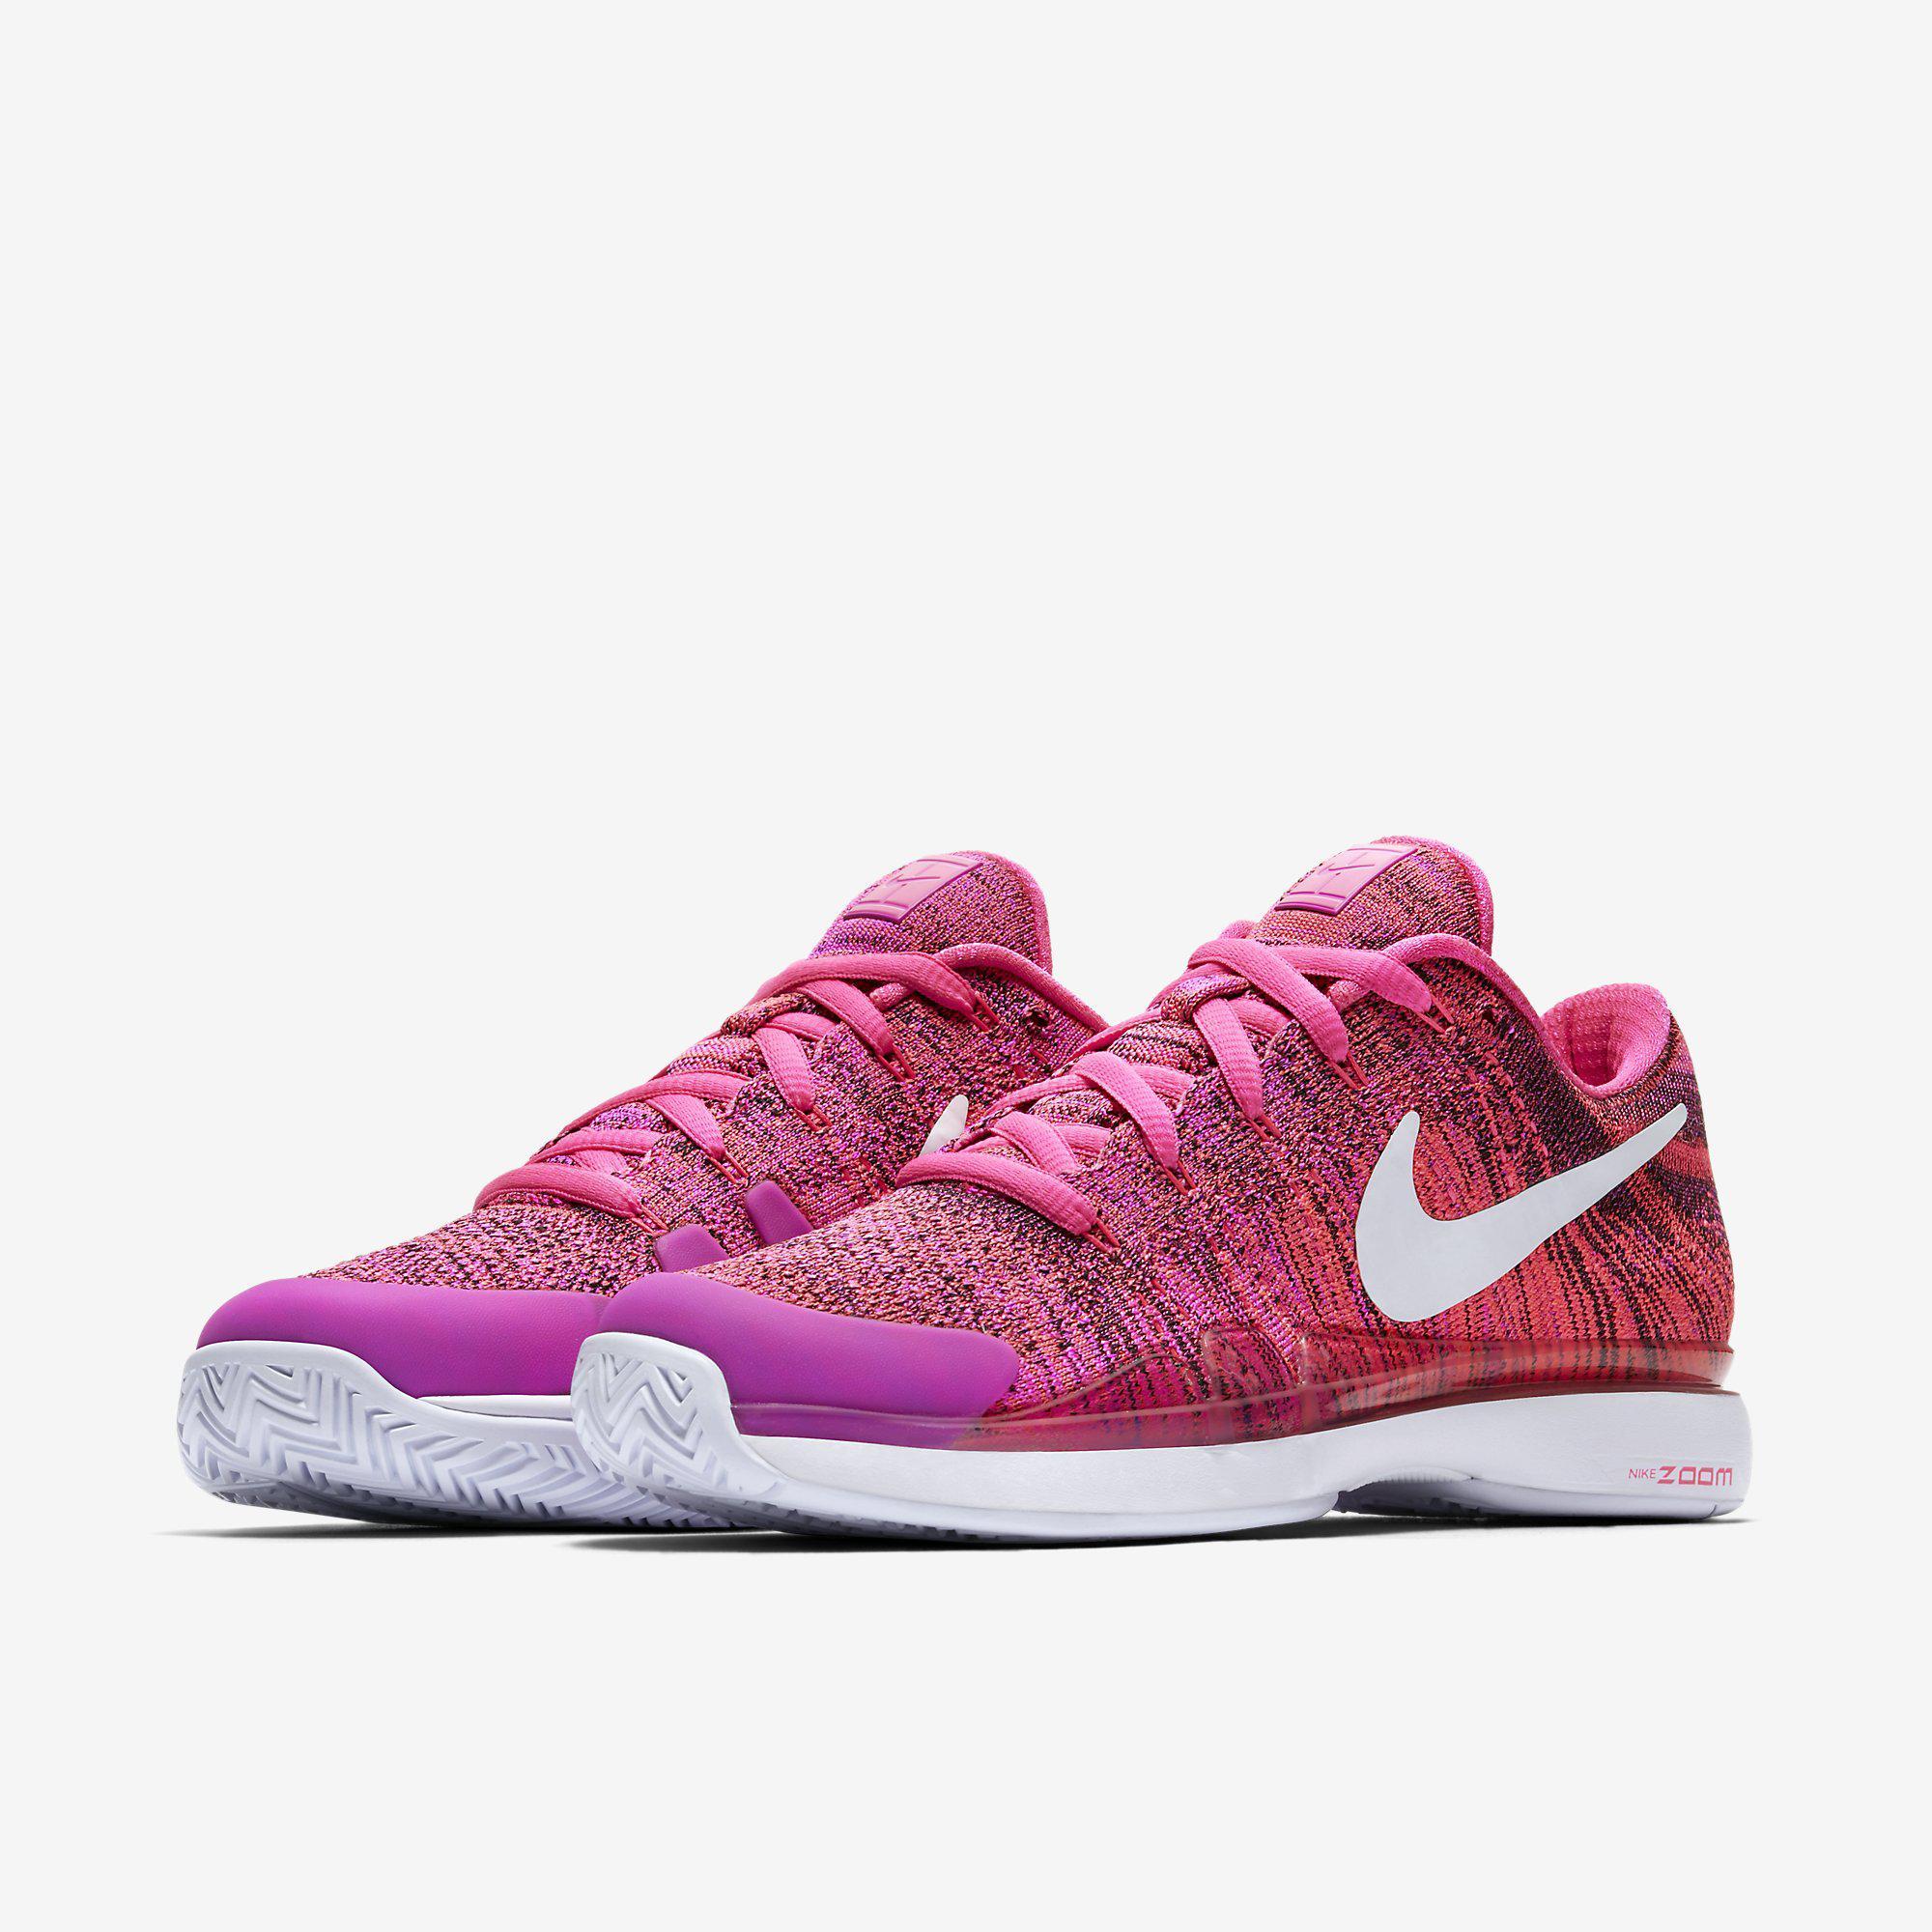 d19368ad240d Nike Womens Zoom Vapor 9.5 Flyknit HC QS Tennis Shoes - Pink